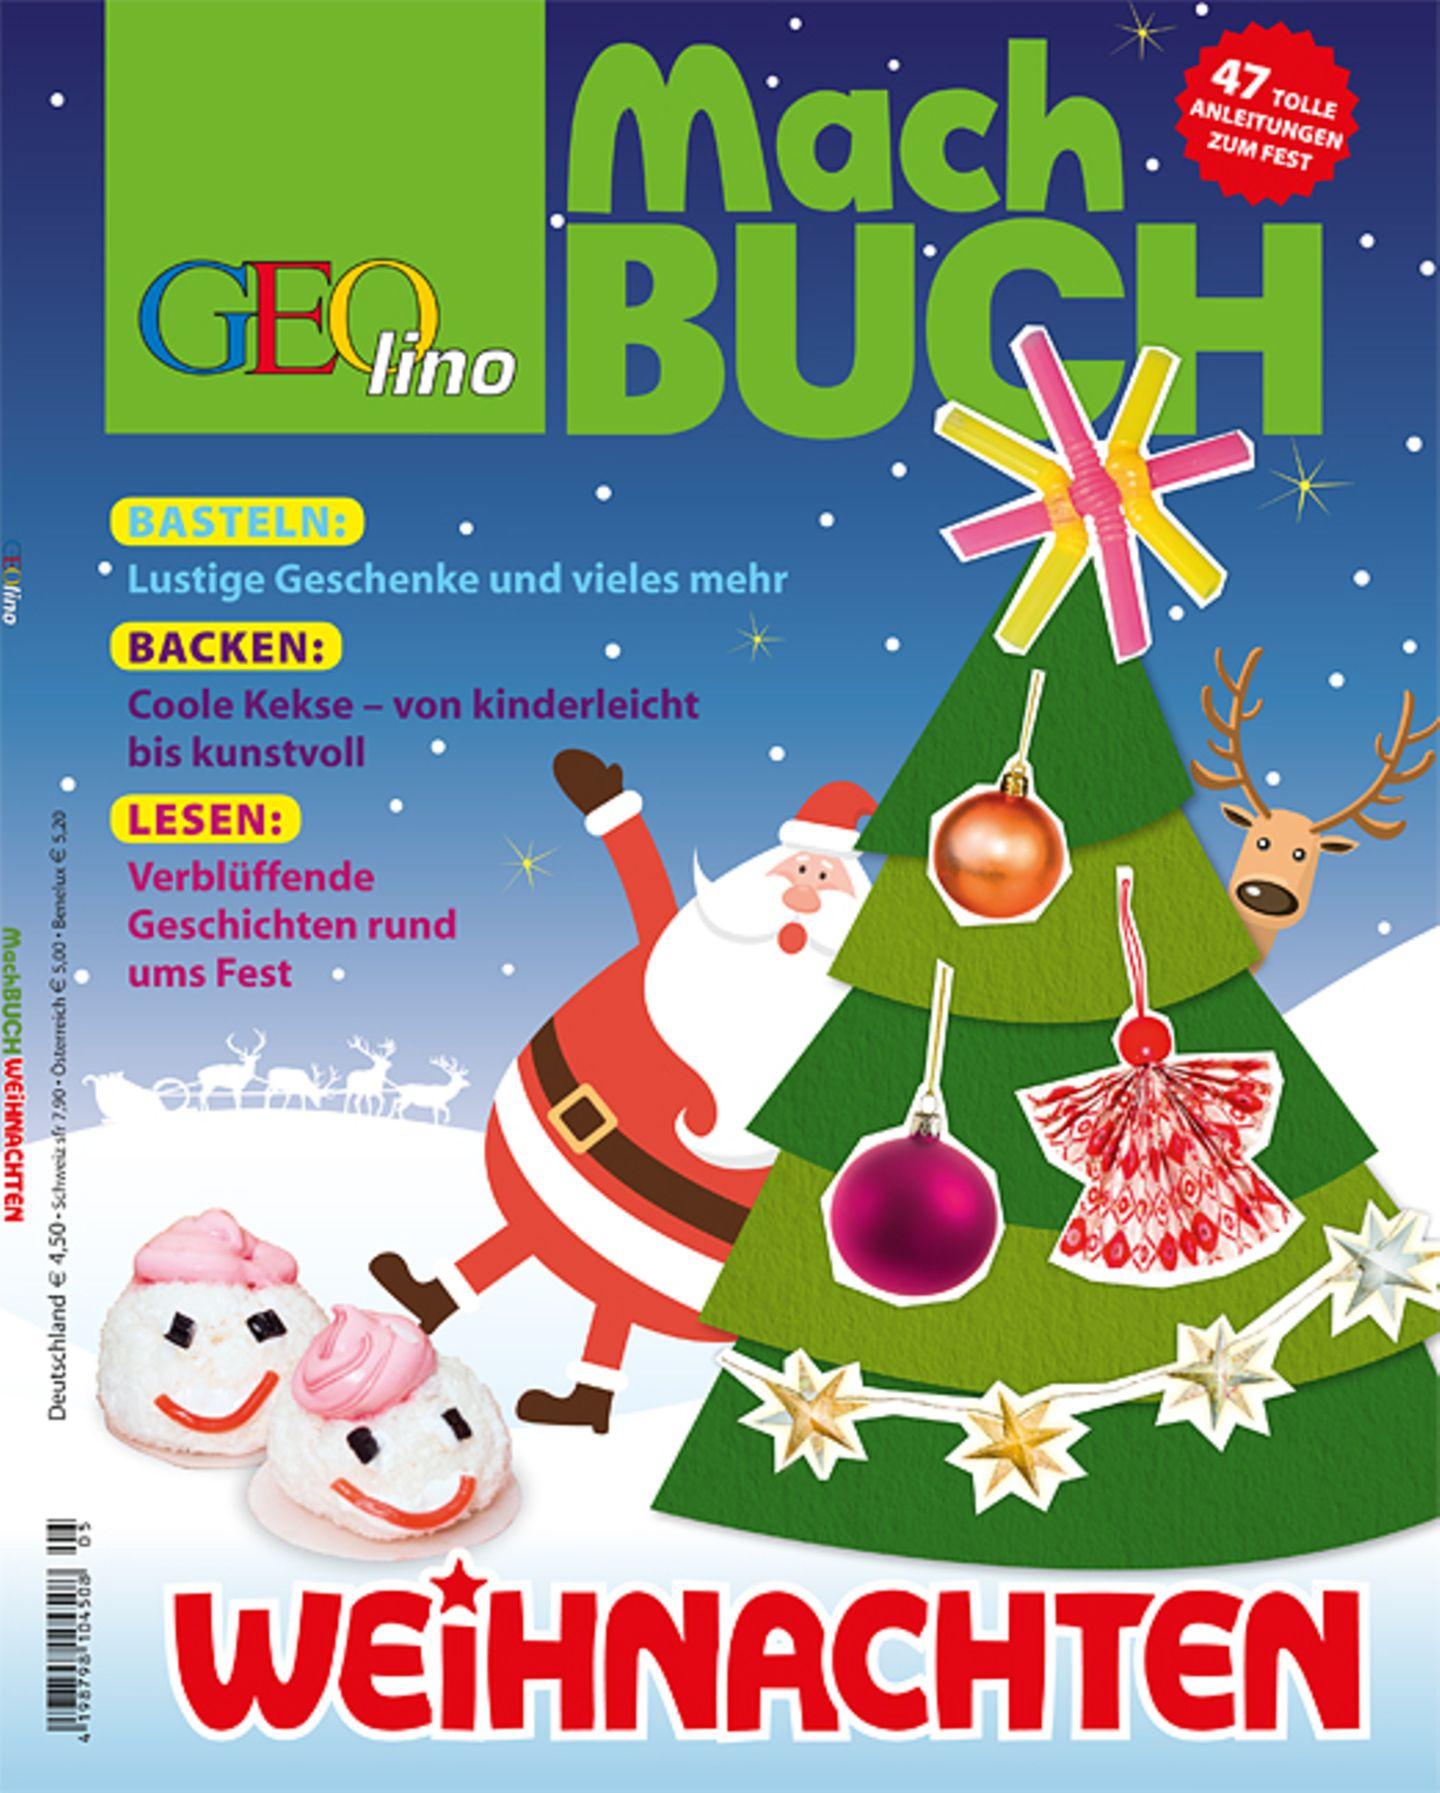 Das GEOlino-Machbuch: Weihnachten